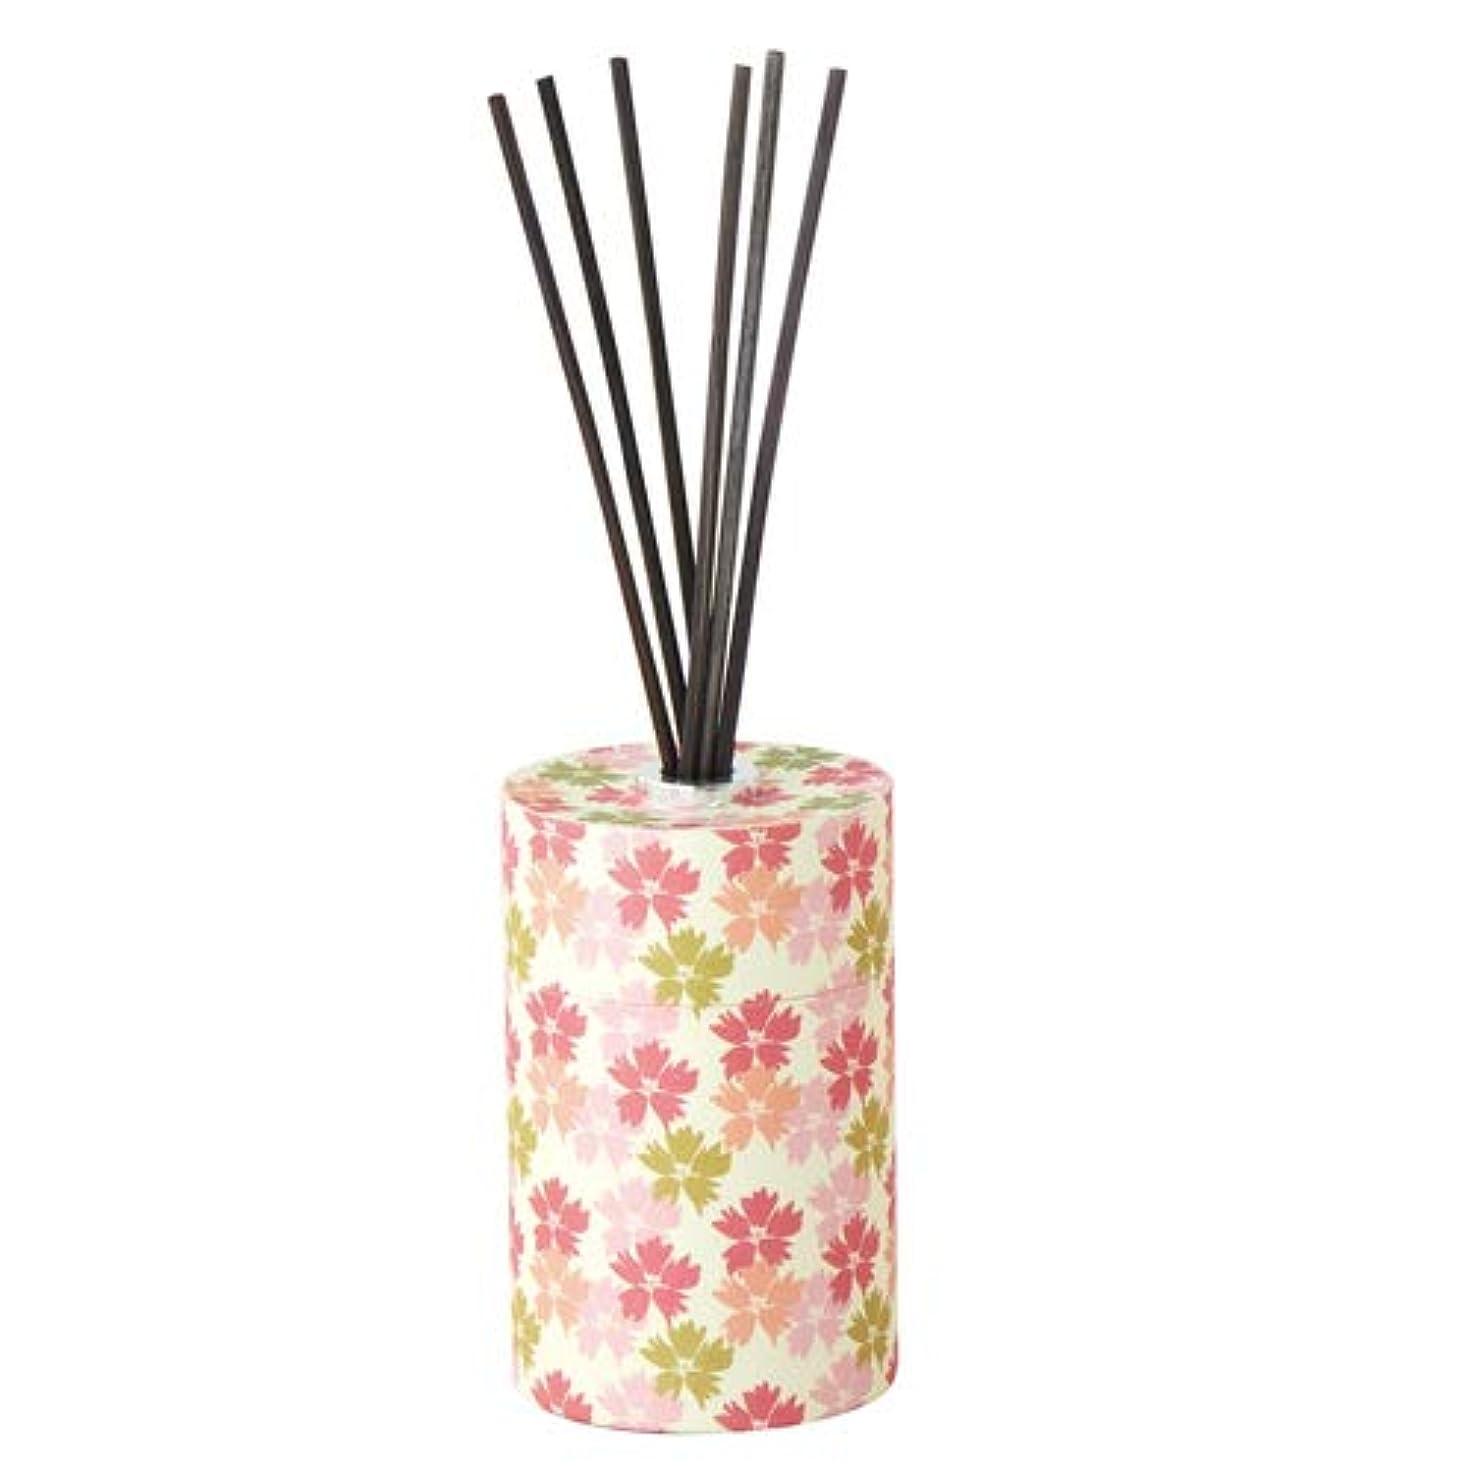 ラインナップアニメーション統合する和遊ディフューザー 桜の香り 1個